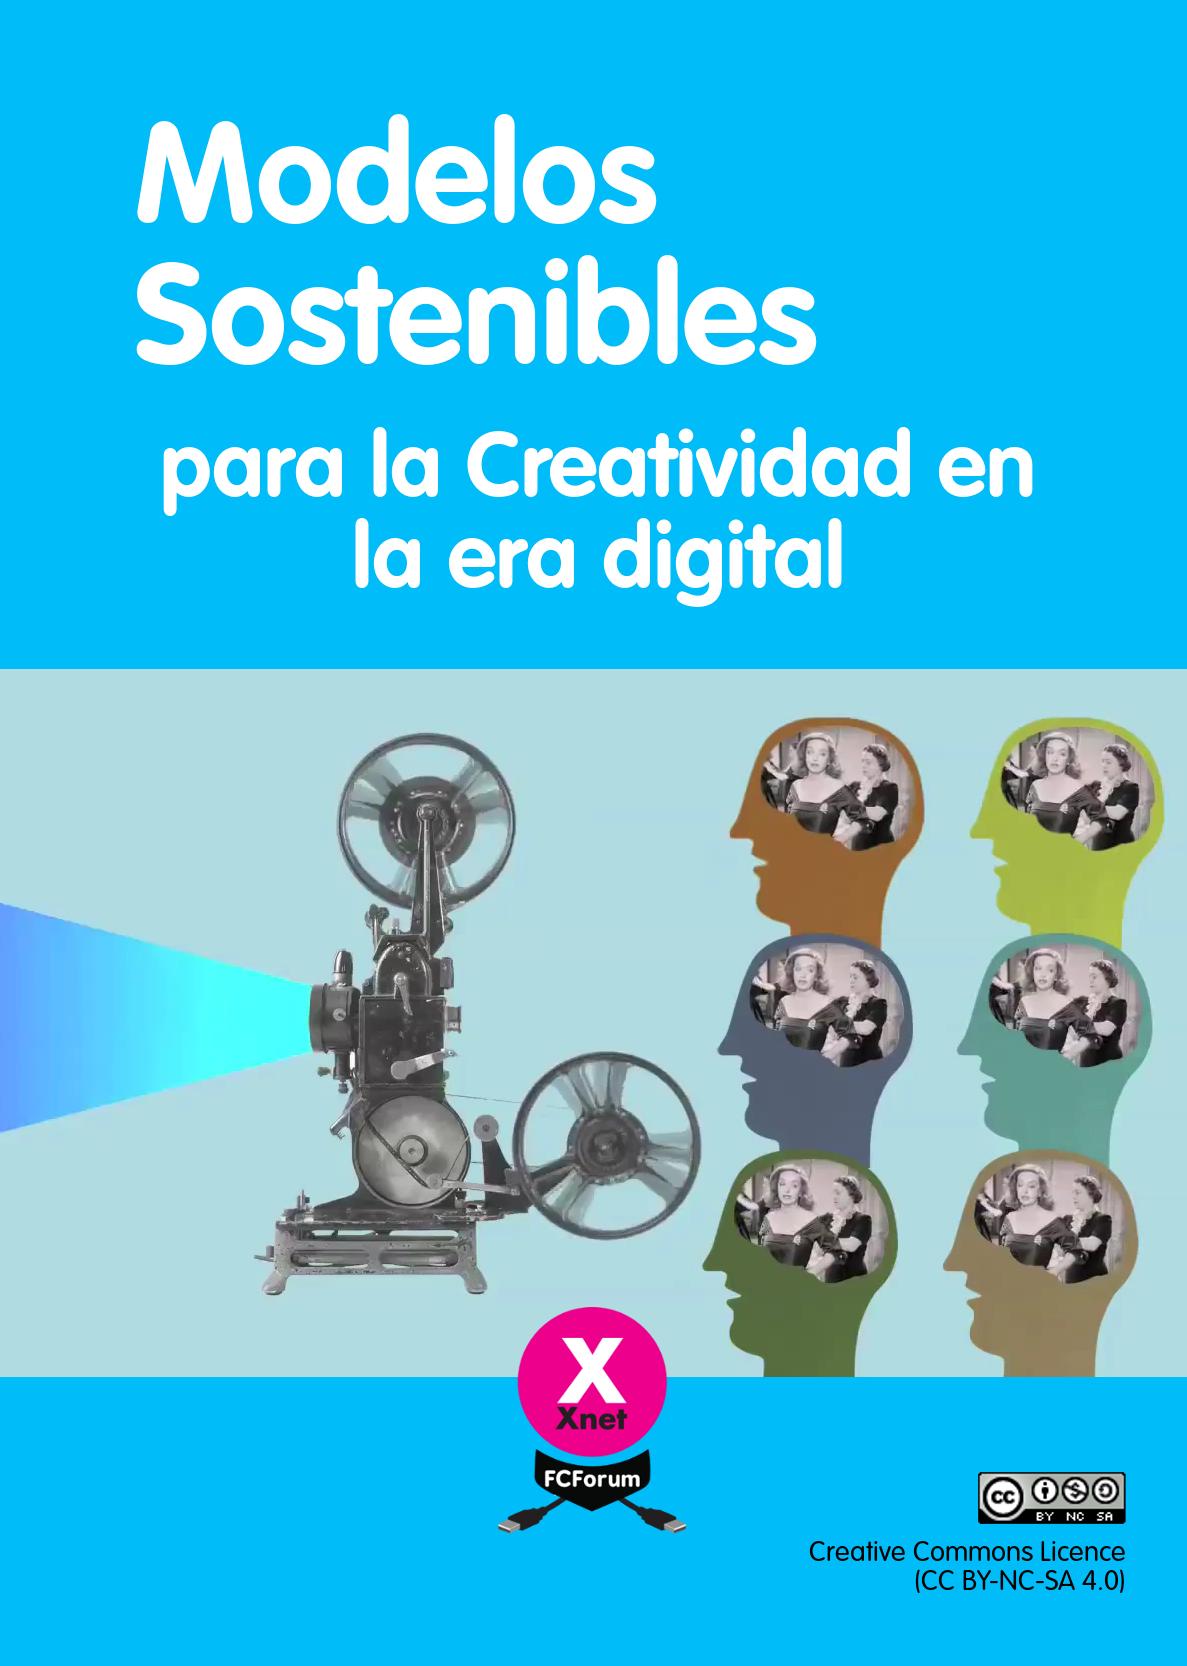 (Es) Declaración y manual: Nuevos modelos sostenibles para la creatividad en la era digital (si no los conocen es porque no quieren)